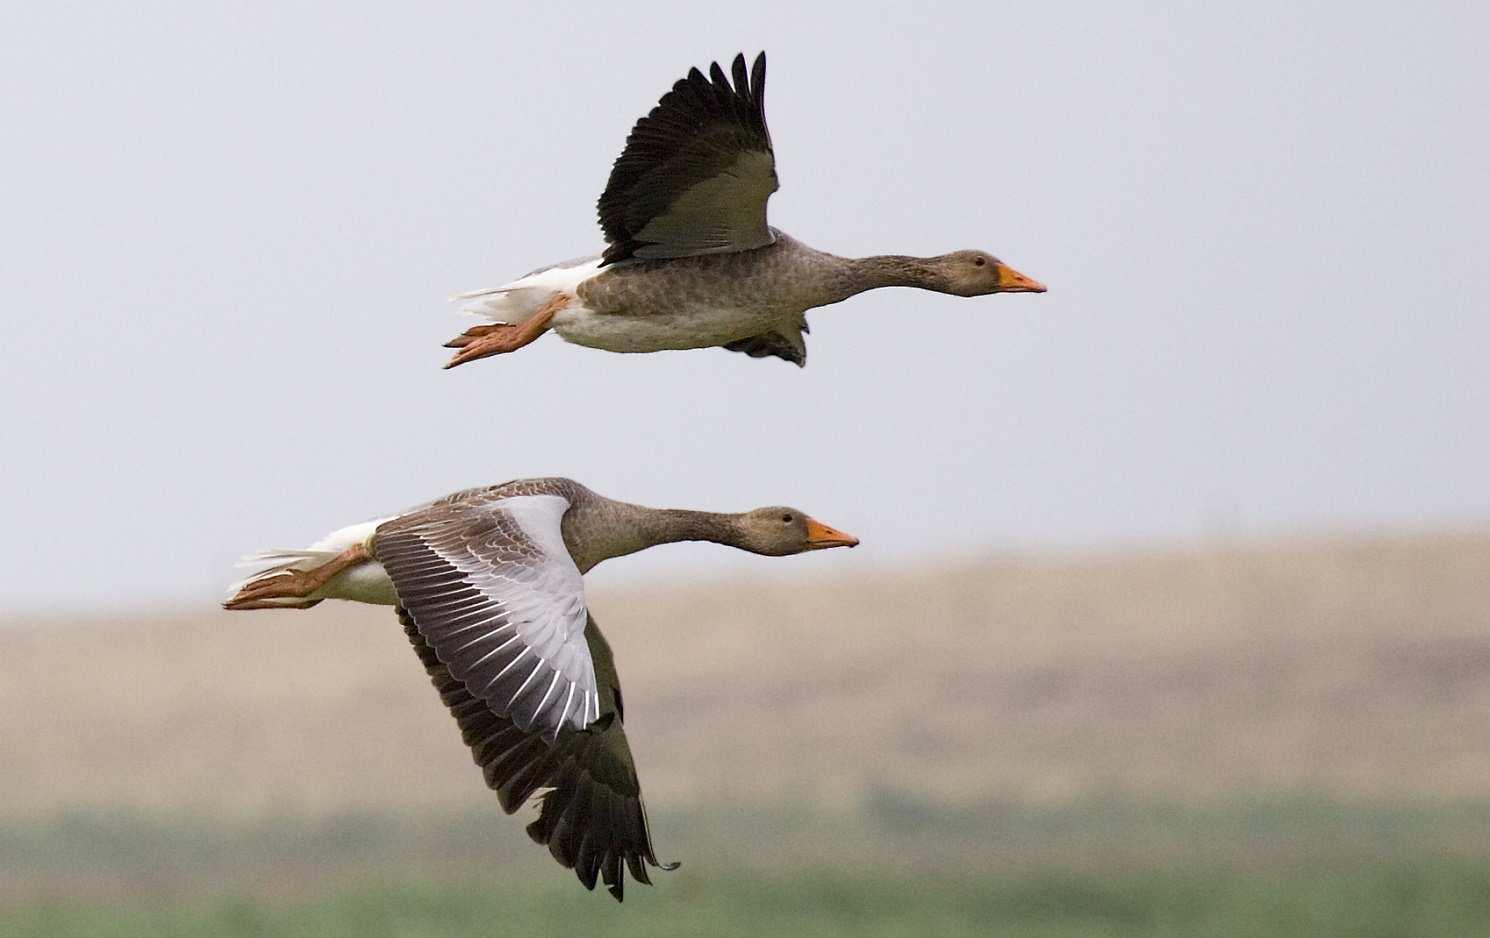 Graylag_geese_(Anser_anser)_in_flight_1700